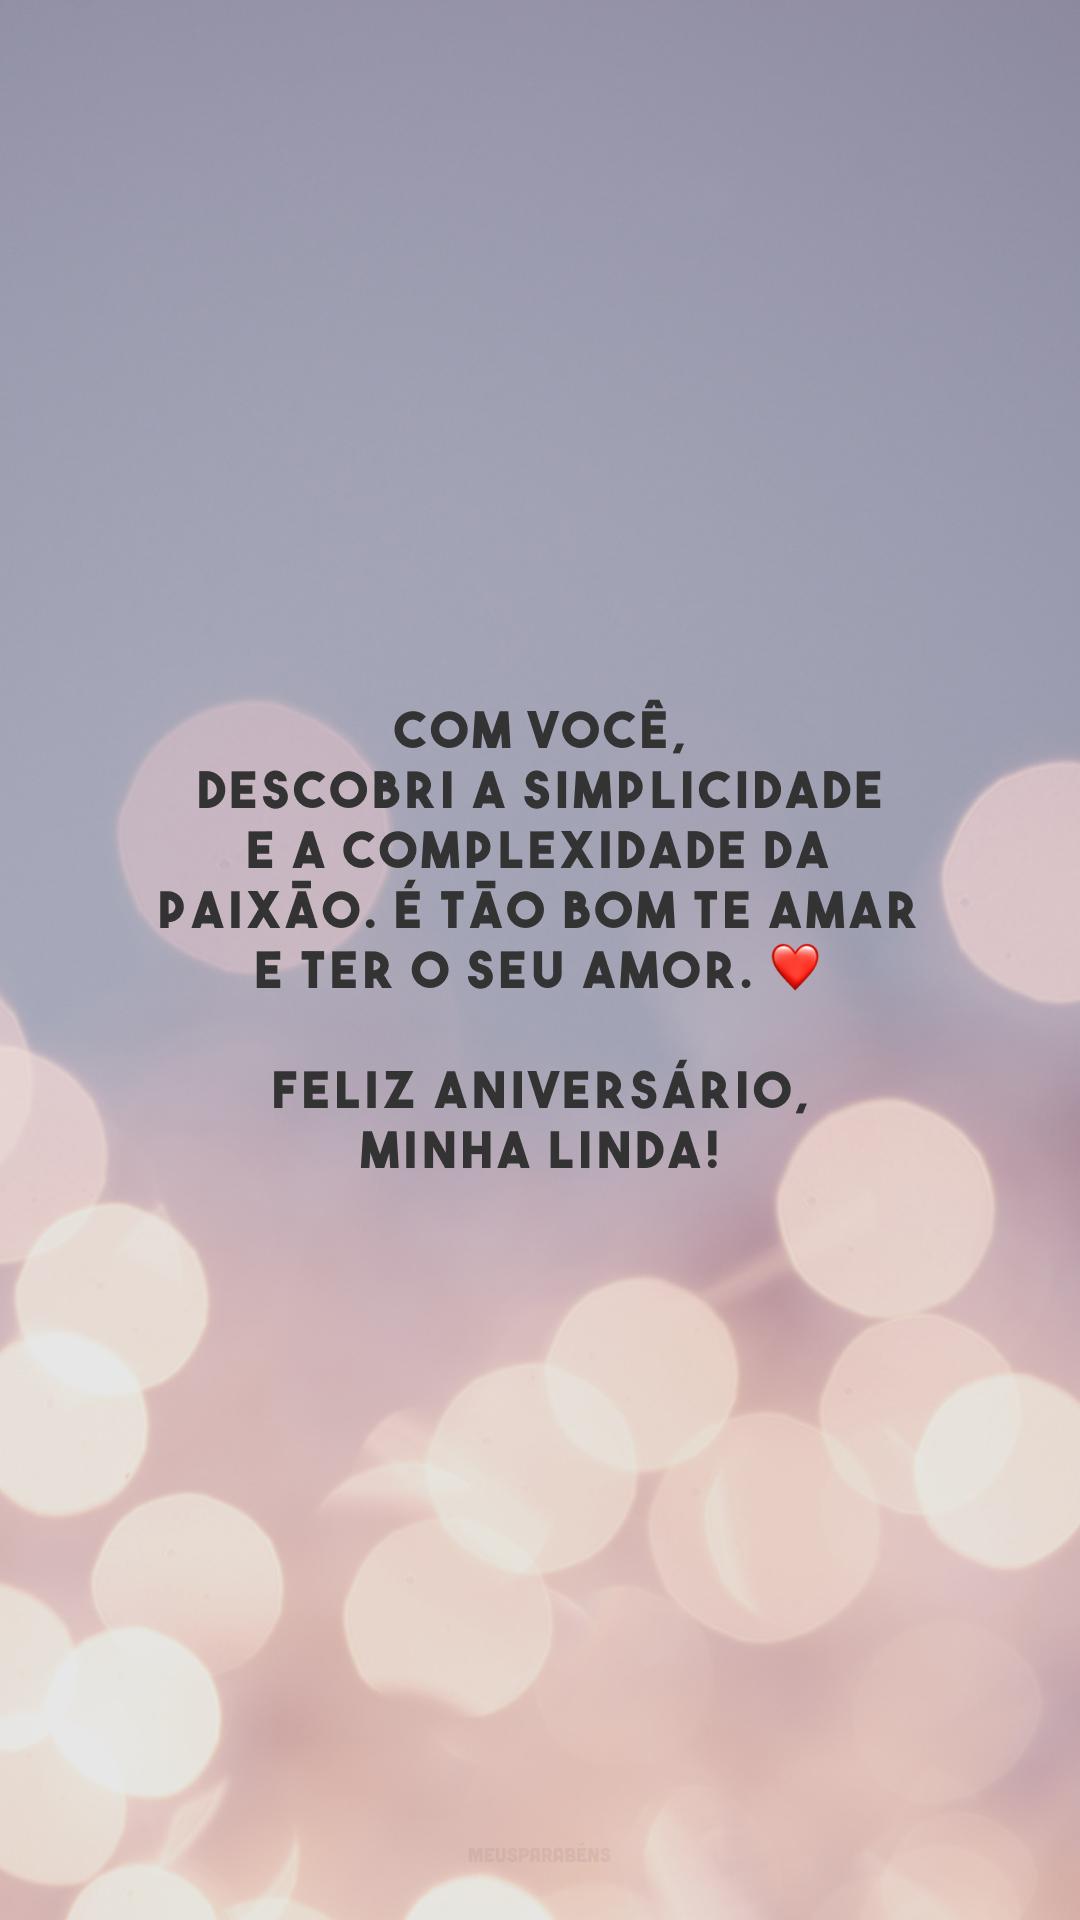 Com você, descobri a simplicidade e a complexidade da paixão. É tão bom te amar e ter o seu amor. ❤️ Feliz aniversário, minha linda!